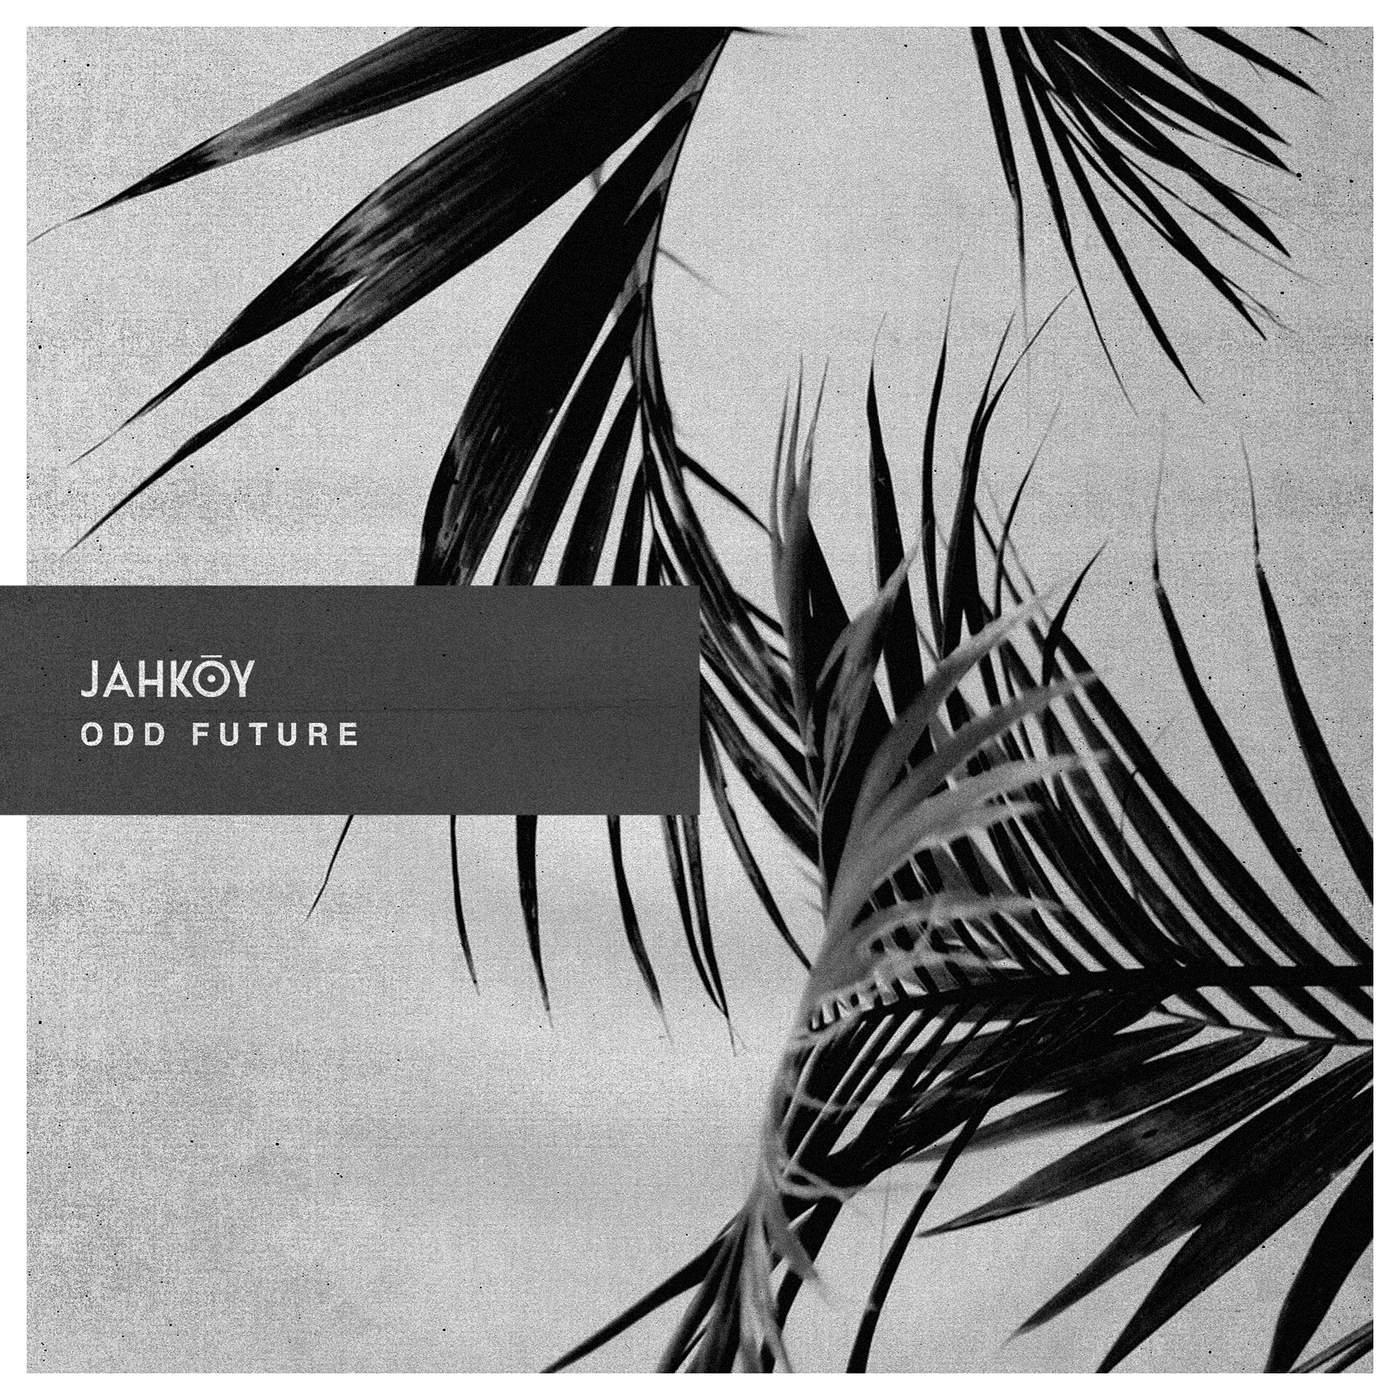 Jahkoy - Odd Future - Single Cover